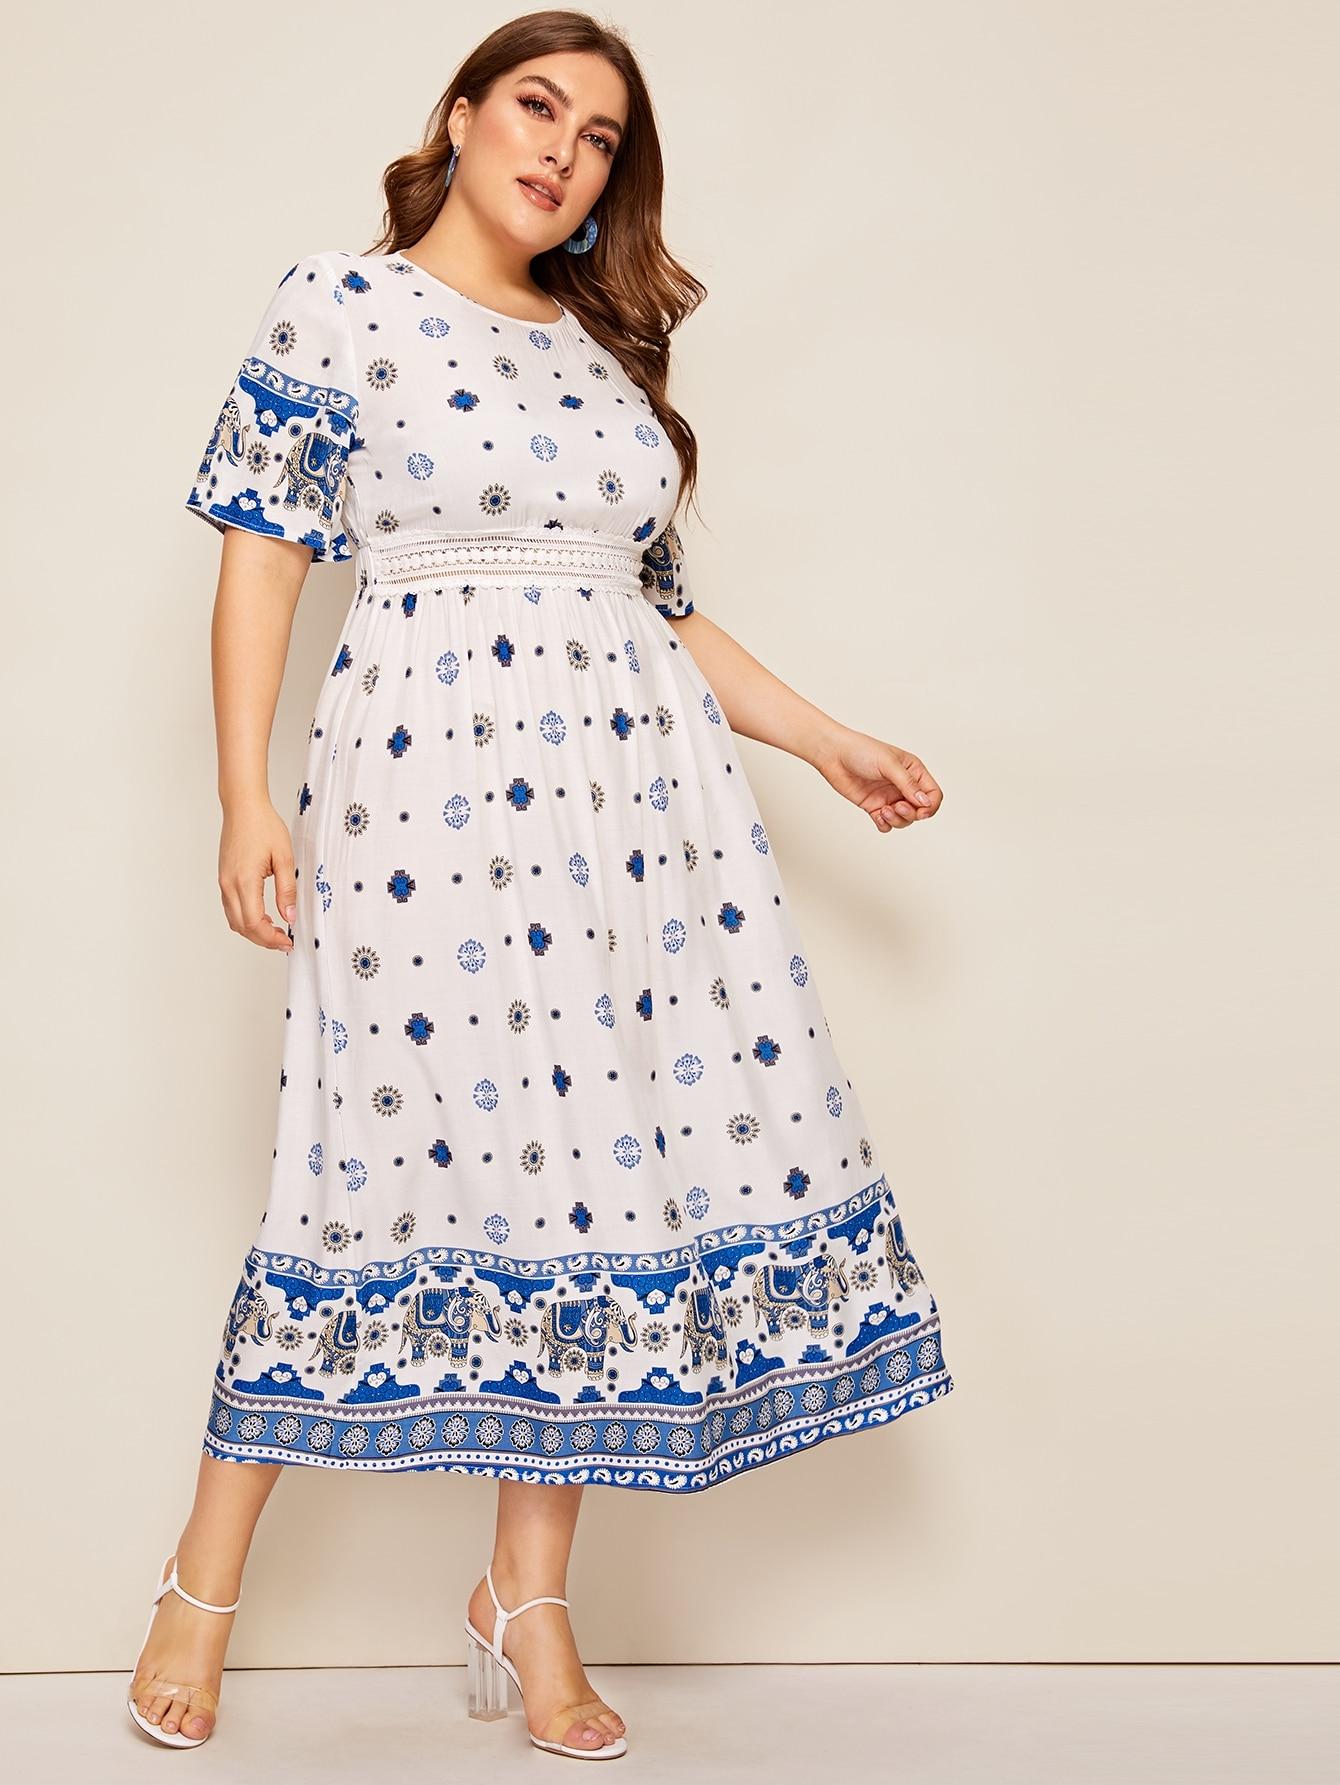 Фото - Платье с племенным принтом и кружевом размера плюс от SheIn цвет белые